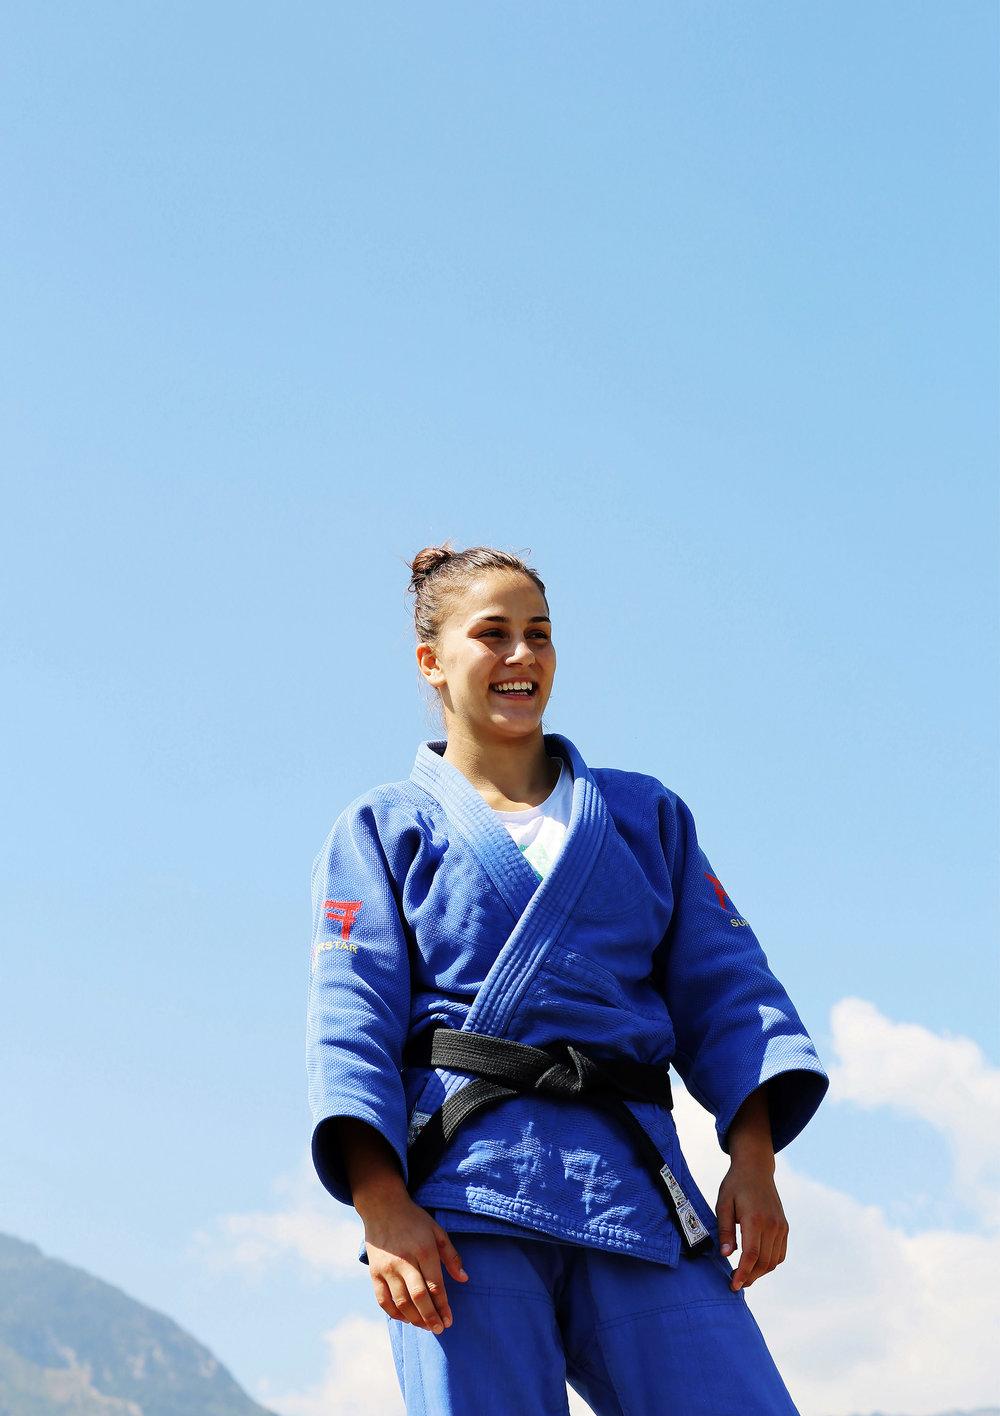 Stockdale_Kosovo_Judo.jpg